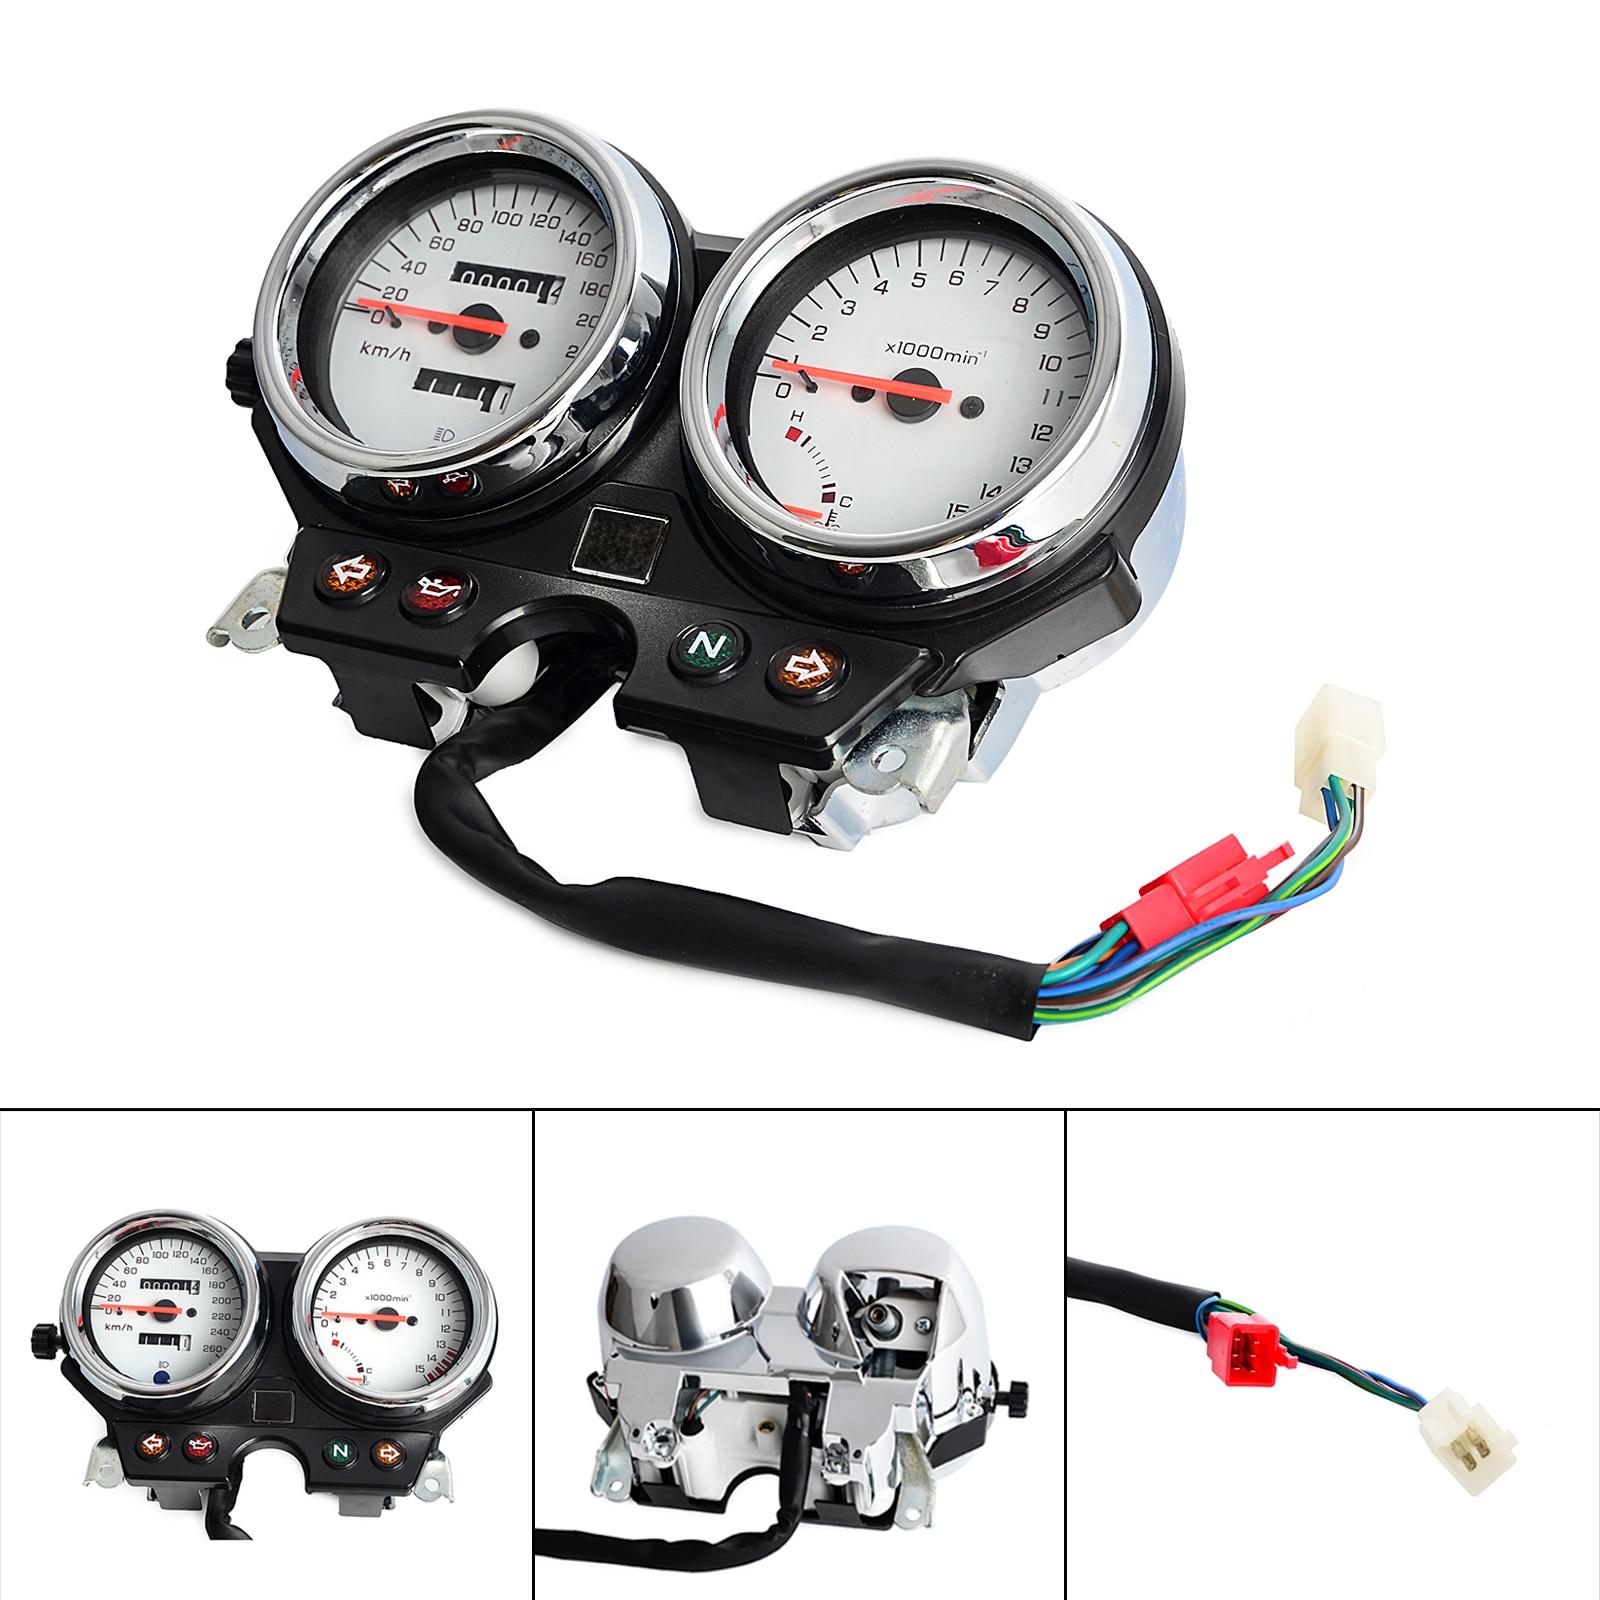 Motorcykelmätare Cluster Speedometer Dashboard Tachometer för Honda CB600 Hornet 600 1996 1997 1998 1999 2000 2001 2002